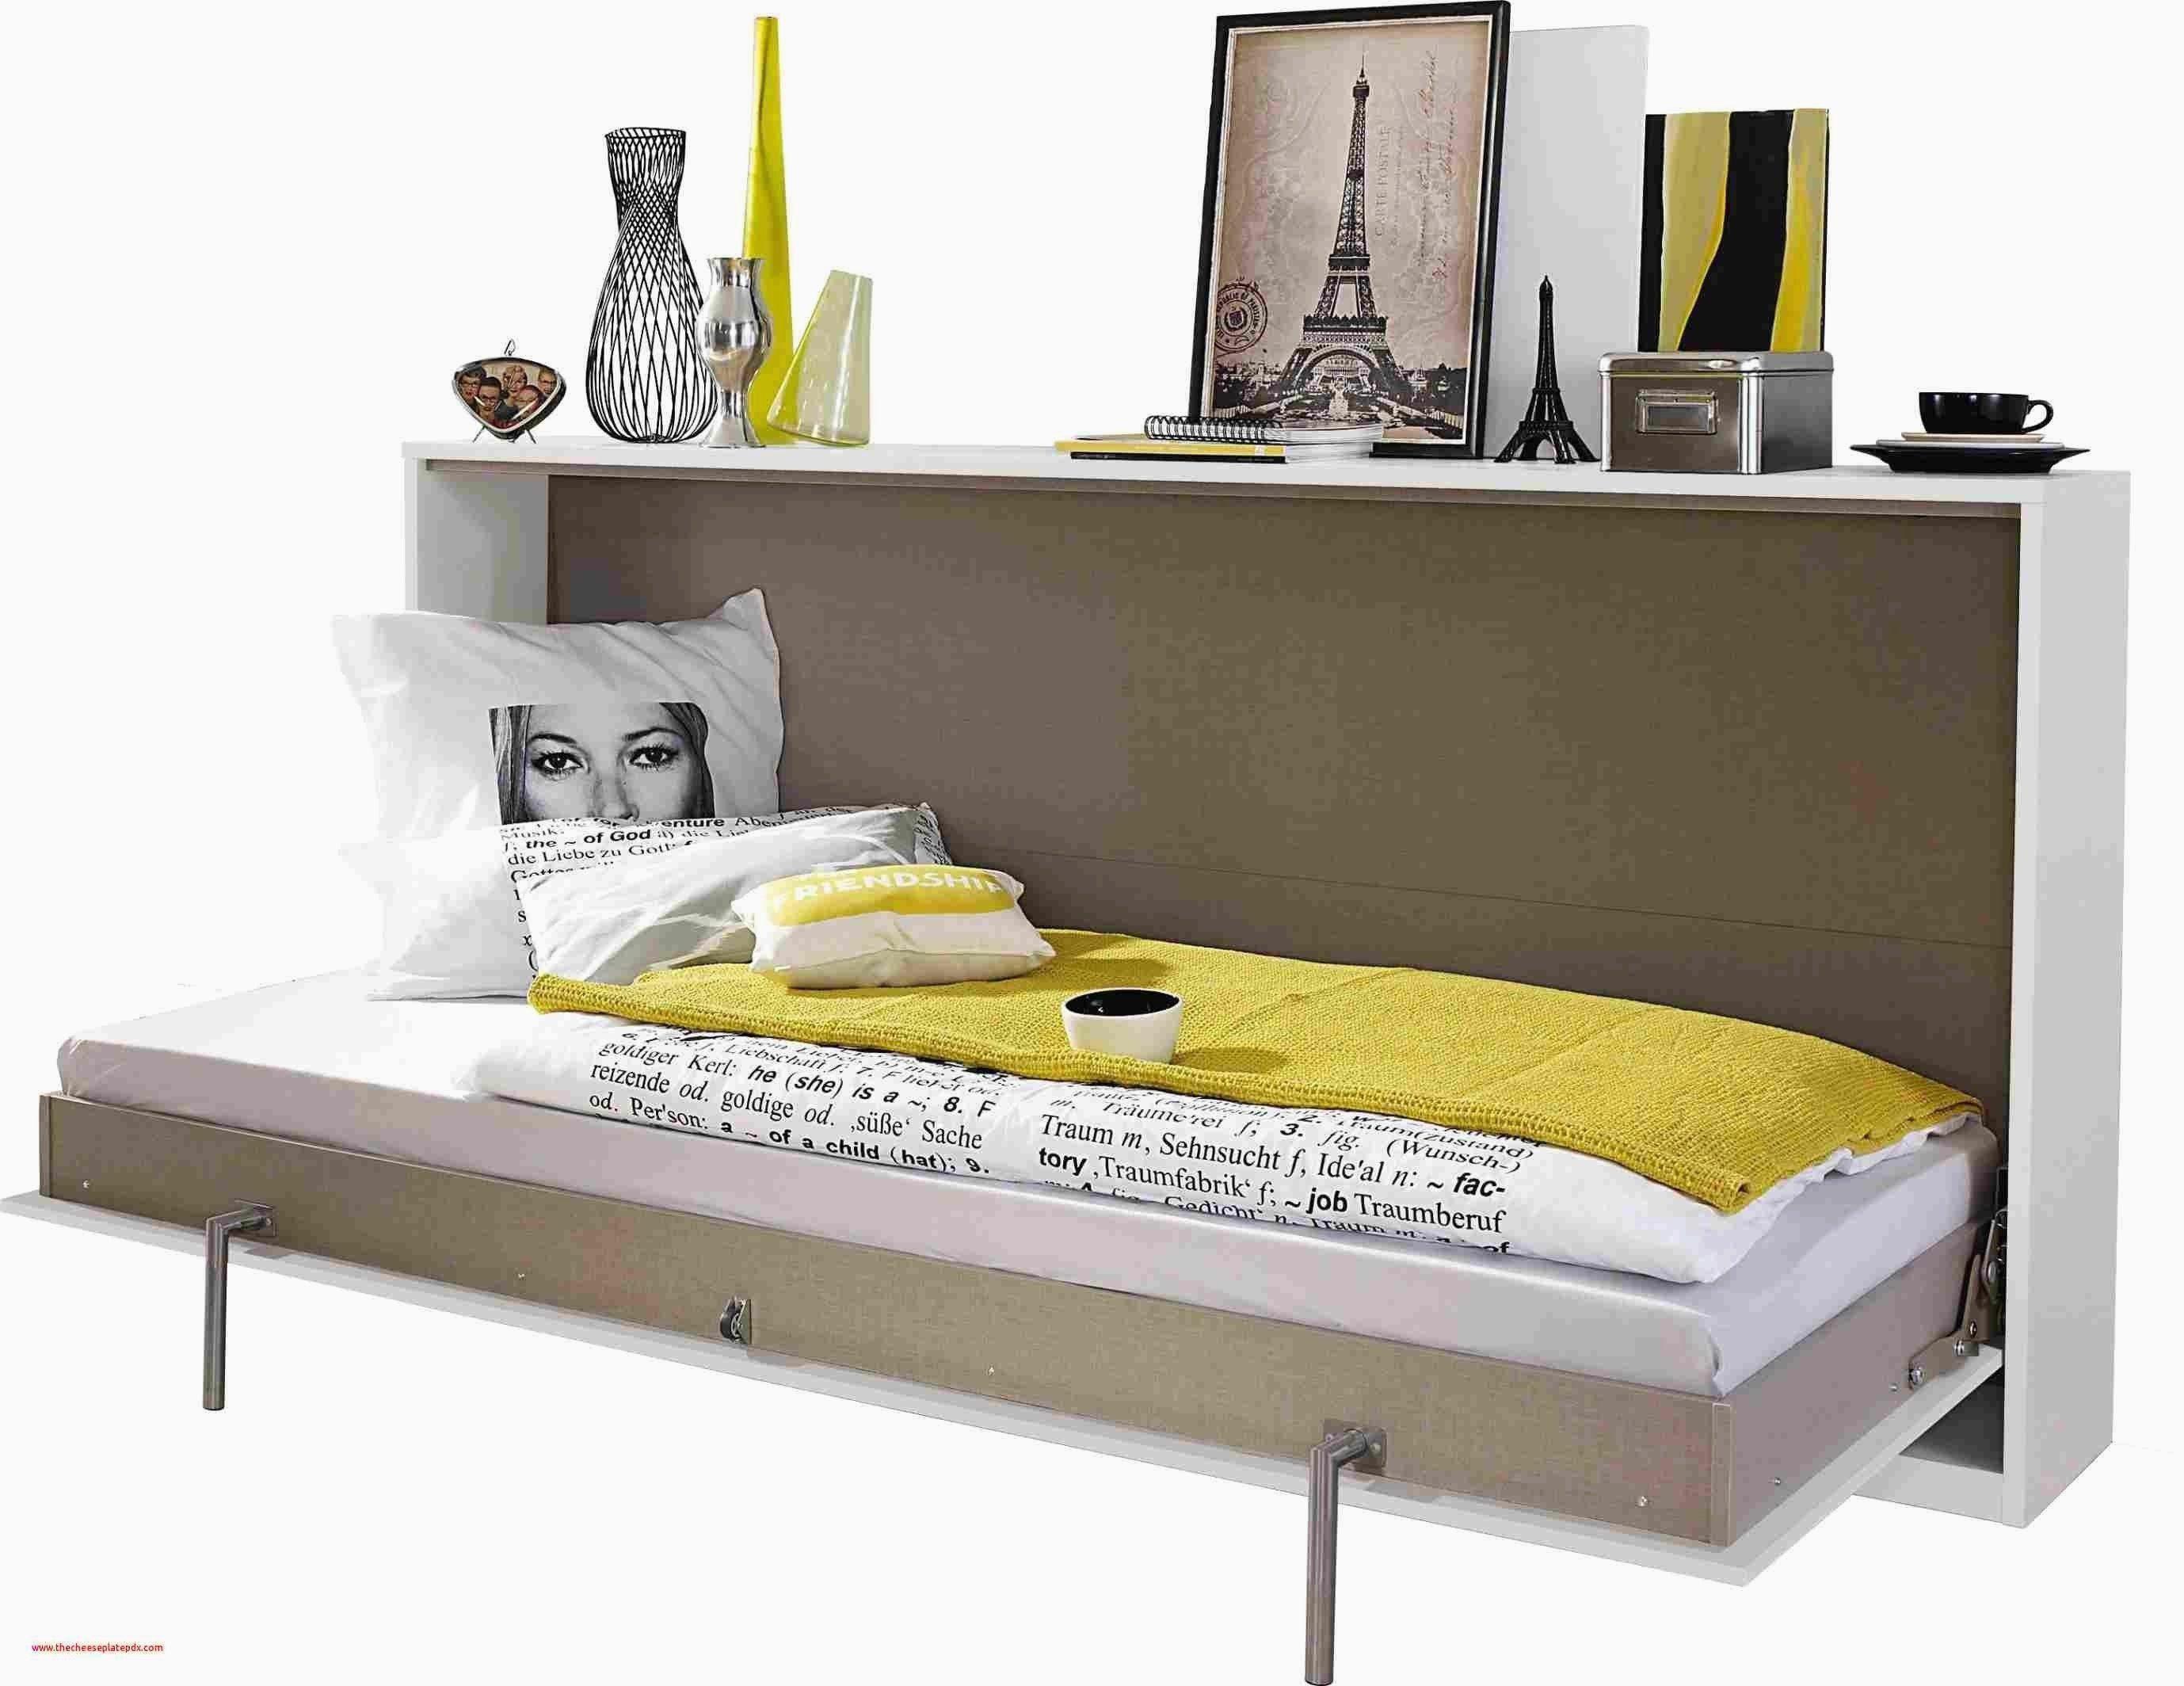 Lit Garcon 2 Ans Le Luxe Lit Evolutif Des 2 Ans Ikea Matelas Evolutif Récent Matelas Lit